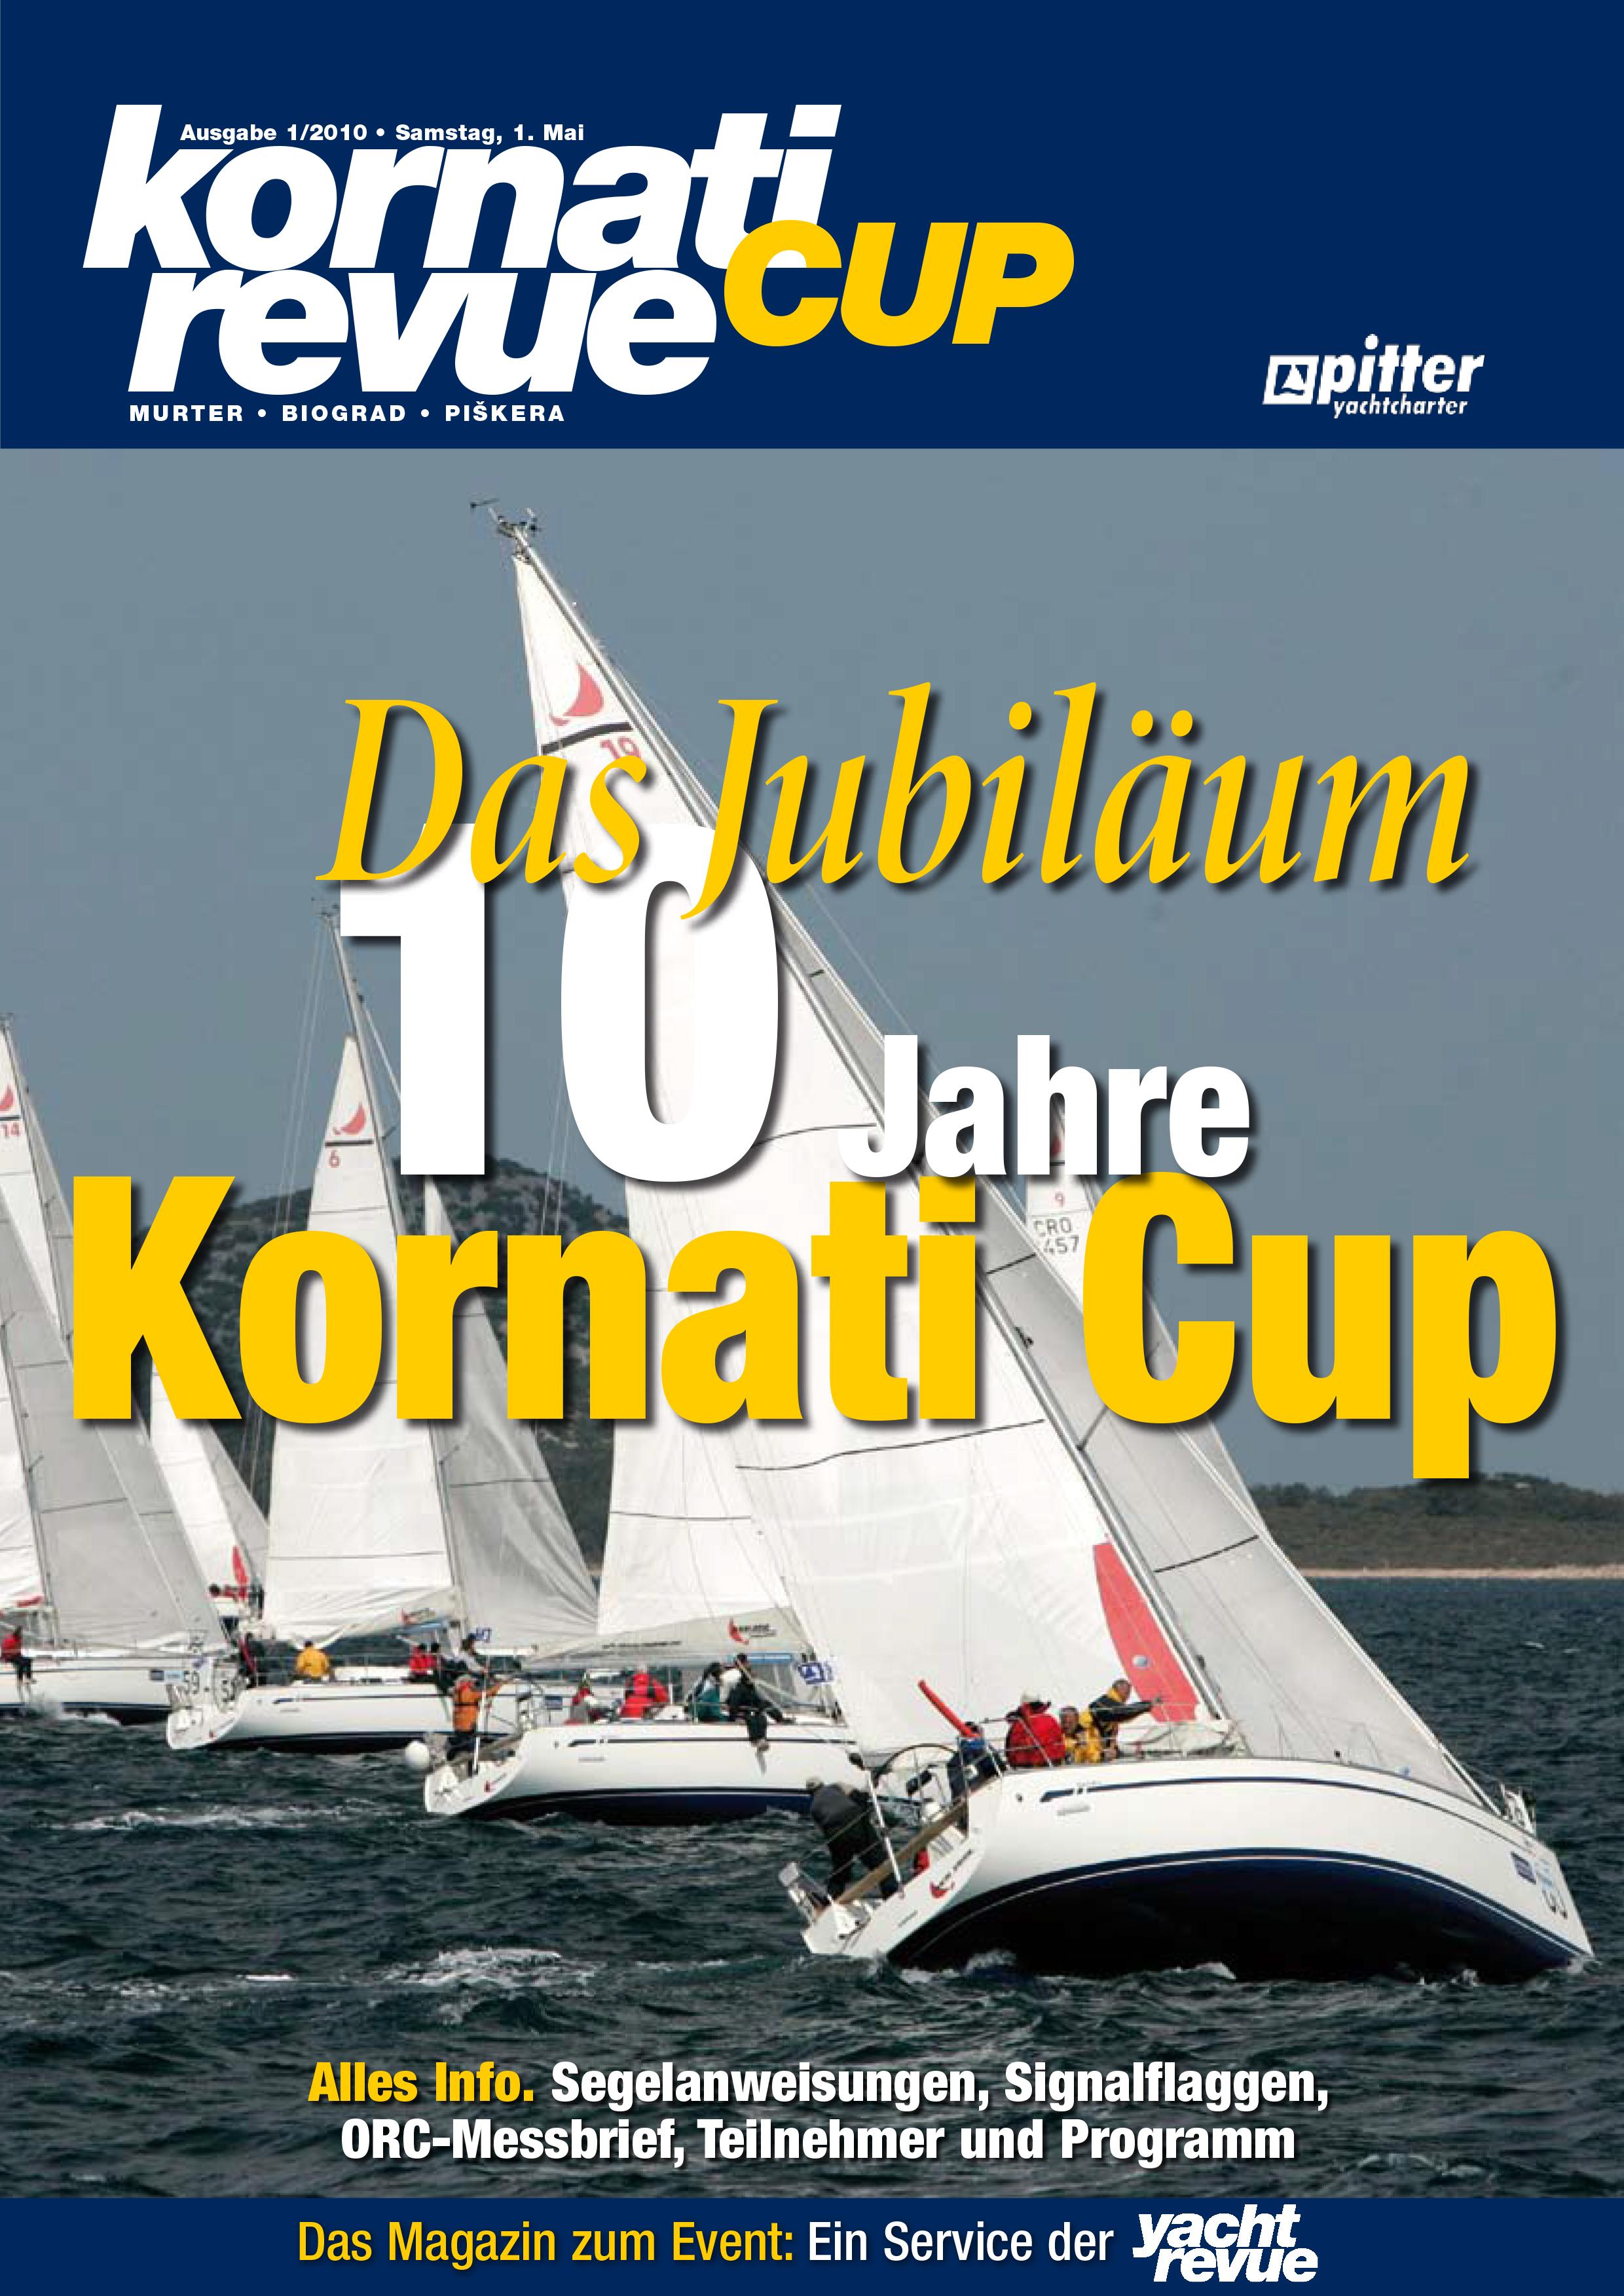 Kornati Cup Revue 2010